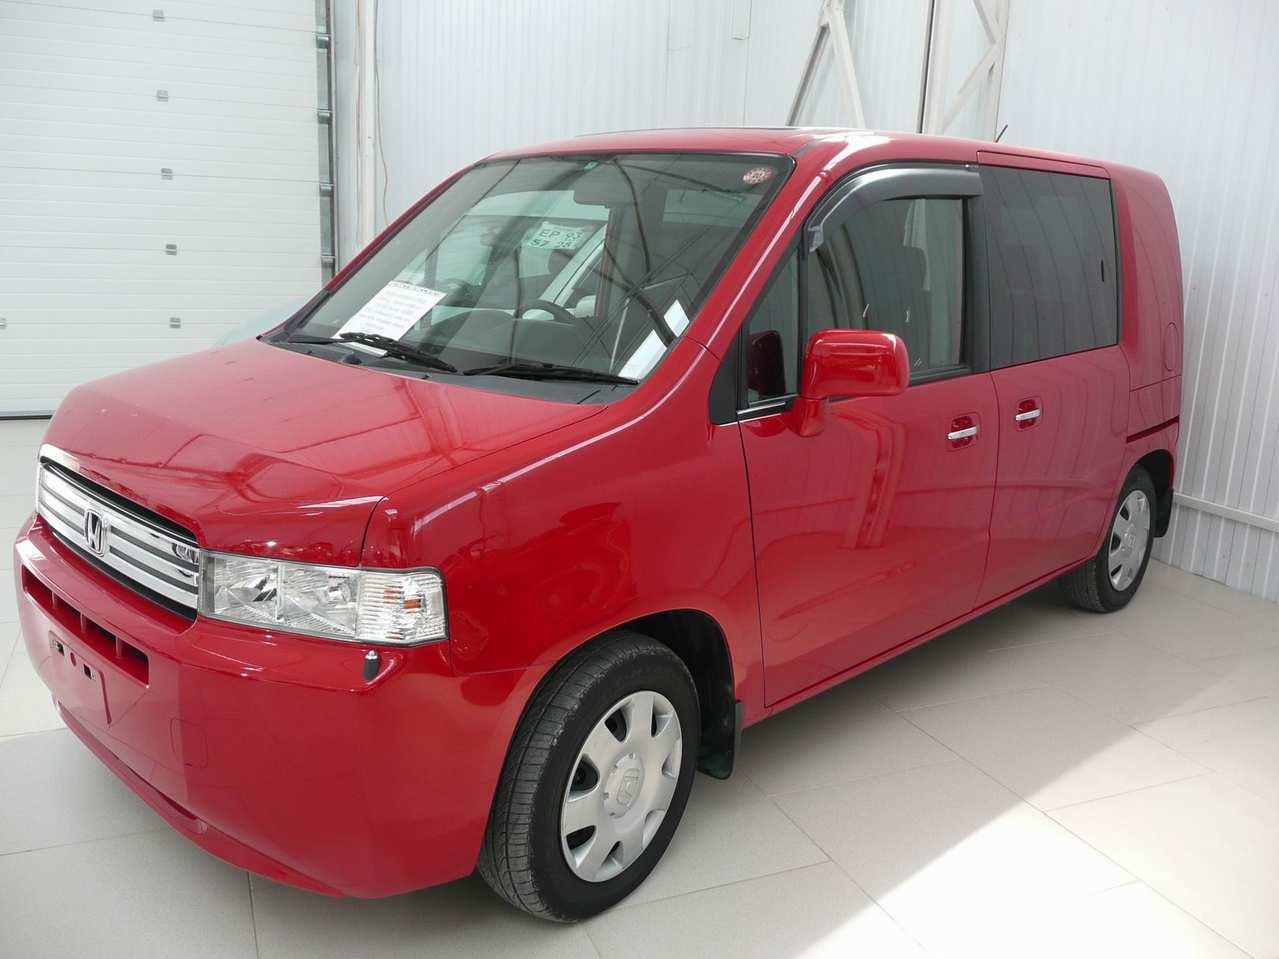 Used 2005 Honda Mobilio Spike Photos 1500cc Gasoline Ff Cvt For